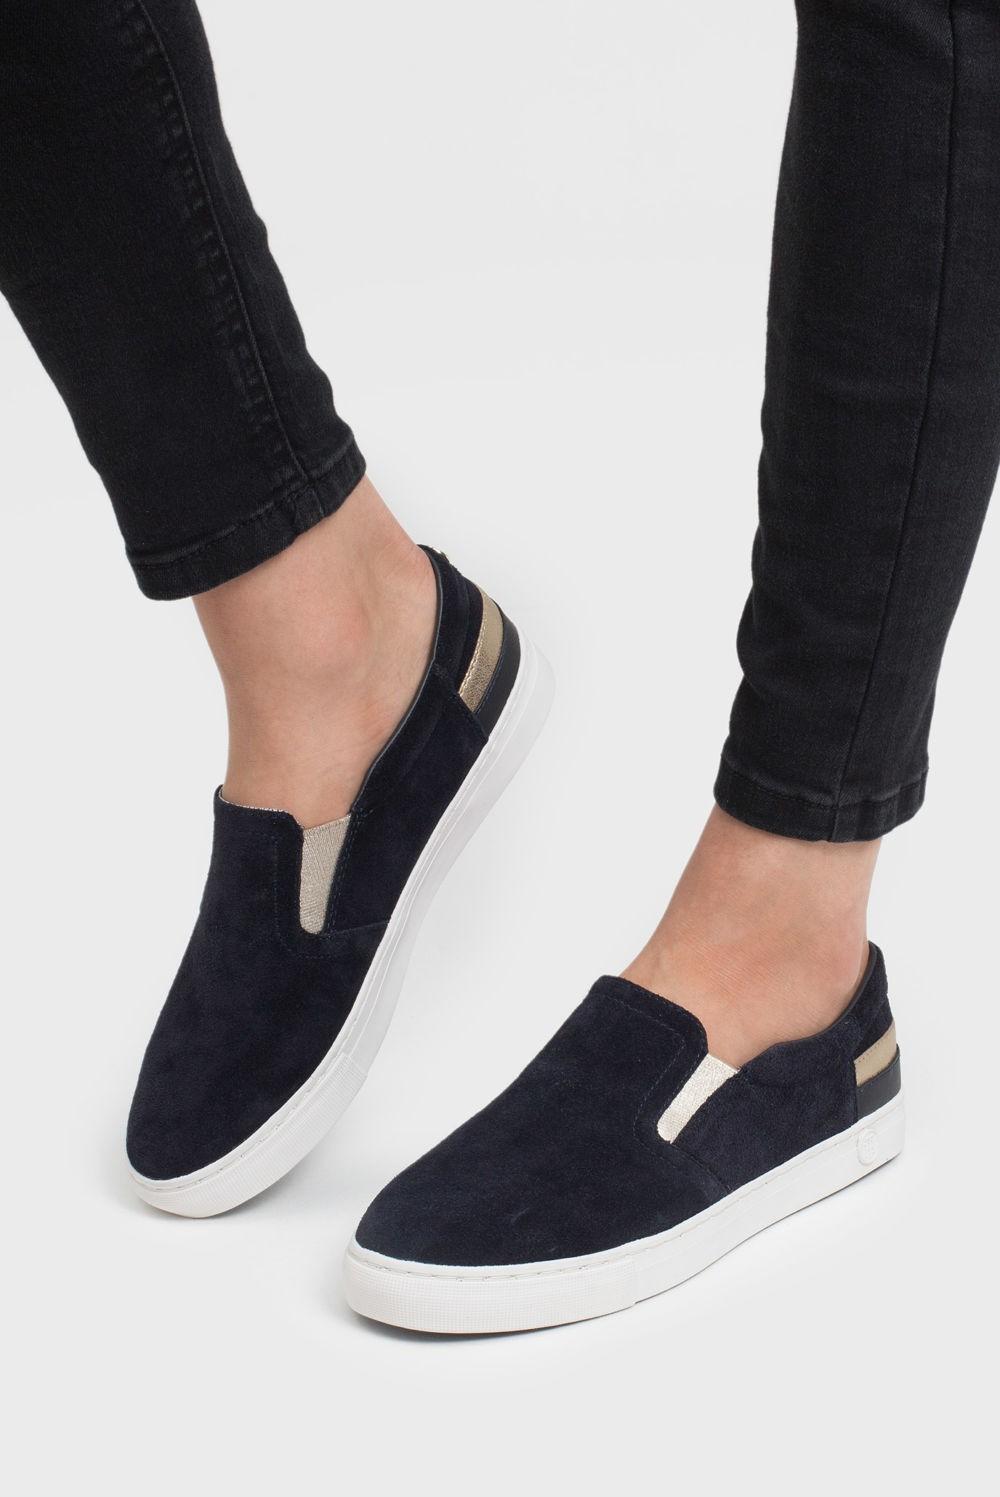 Слипоны женские с чем носить: черные под штаны длинные